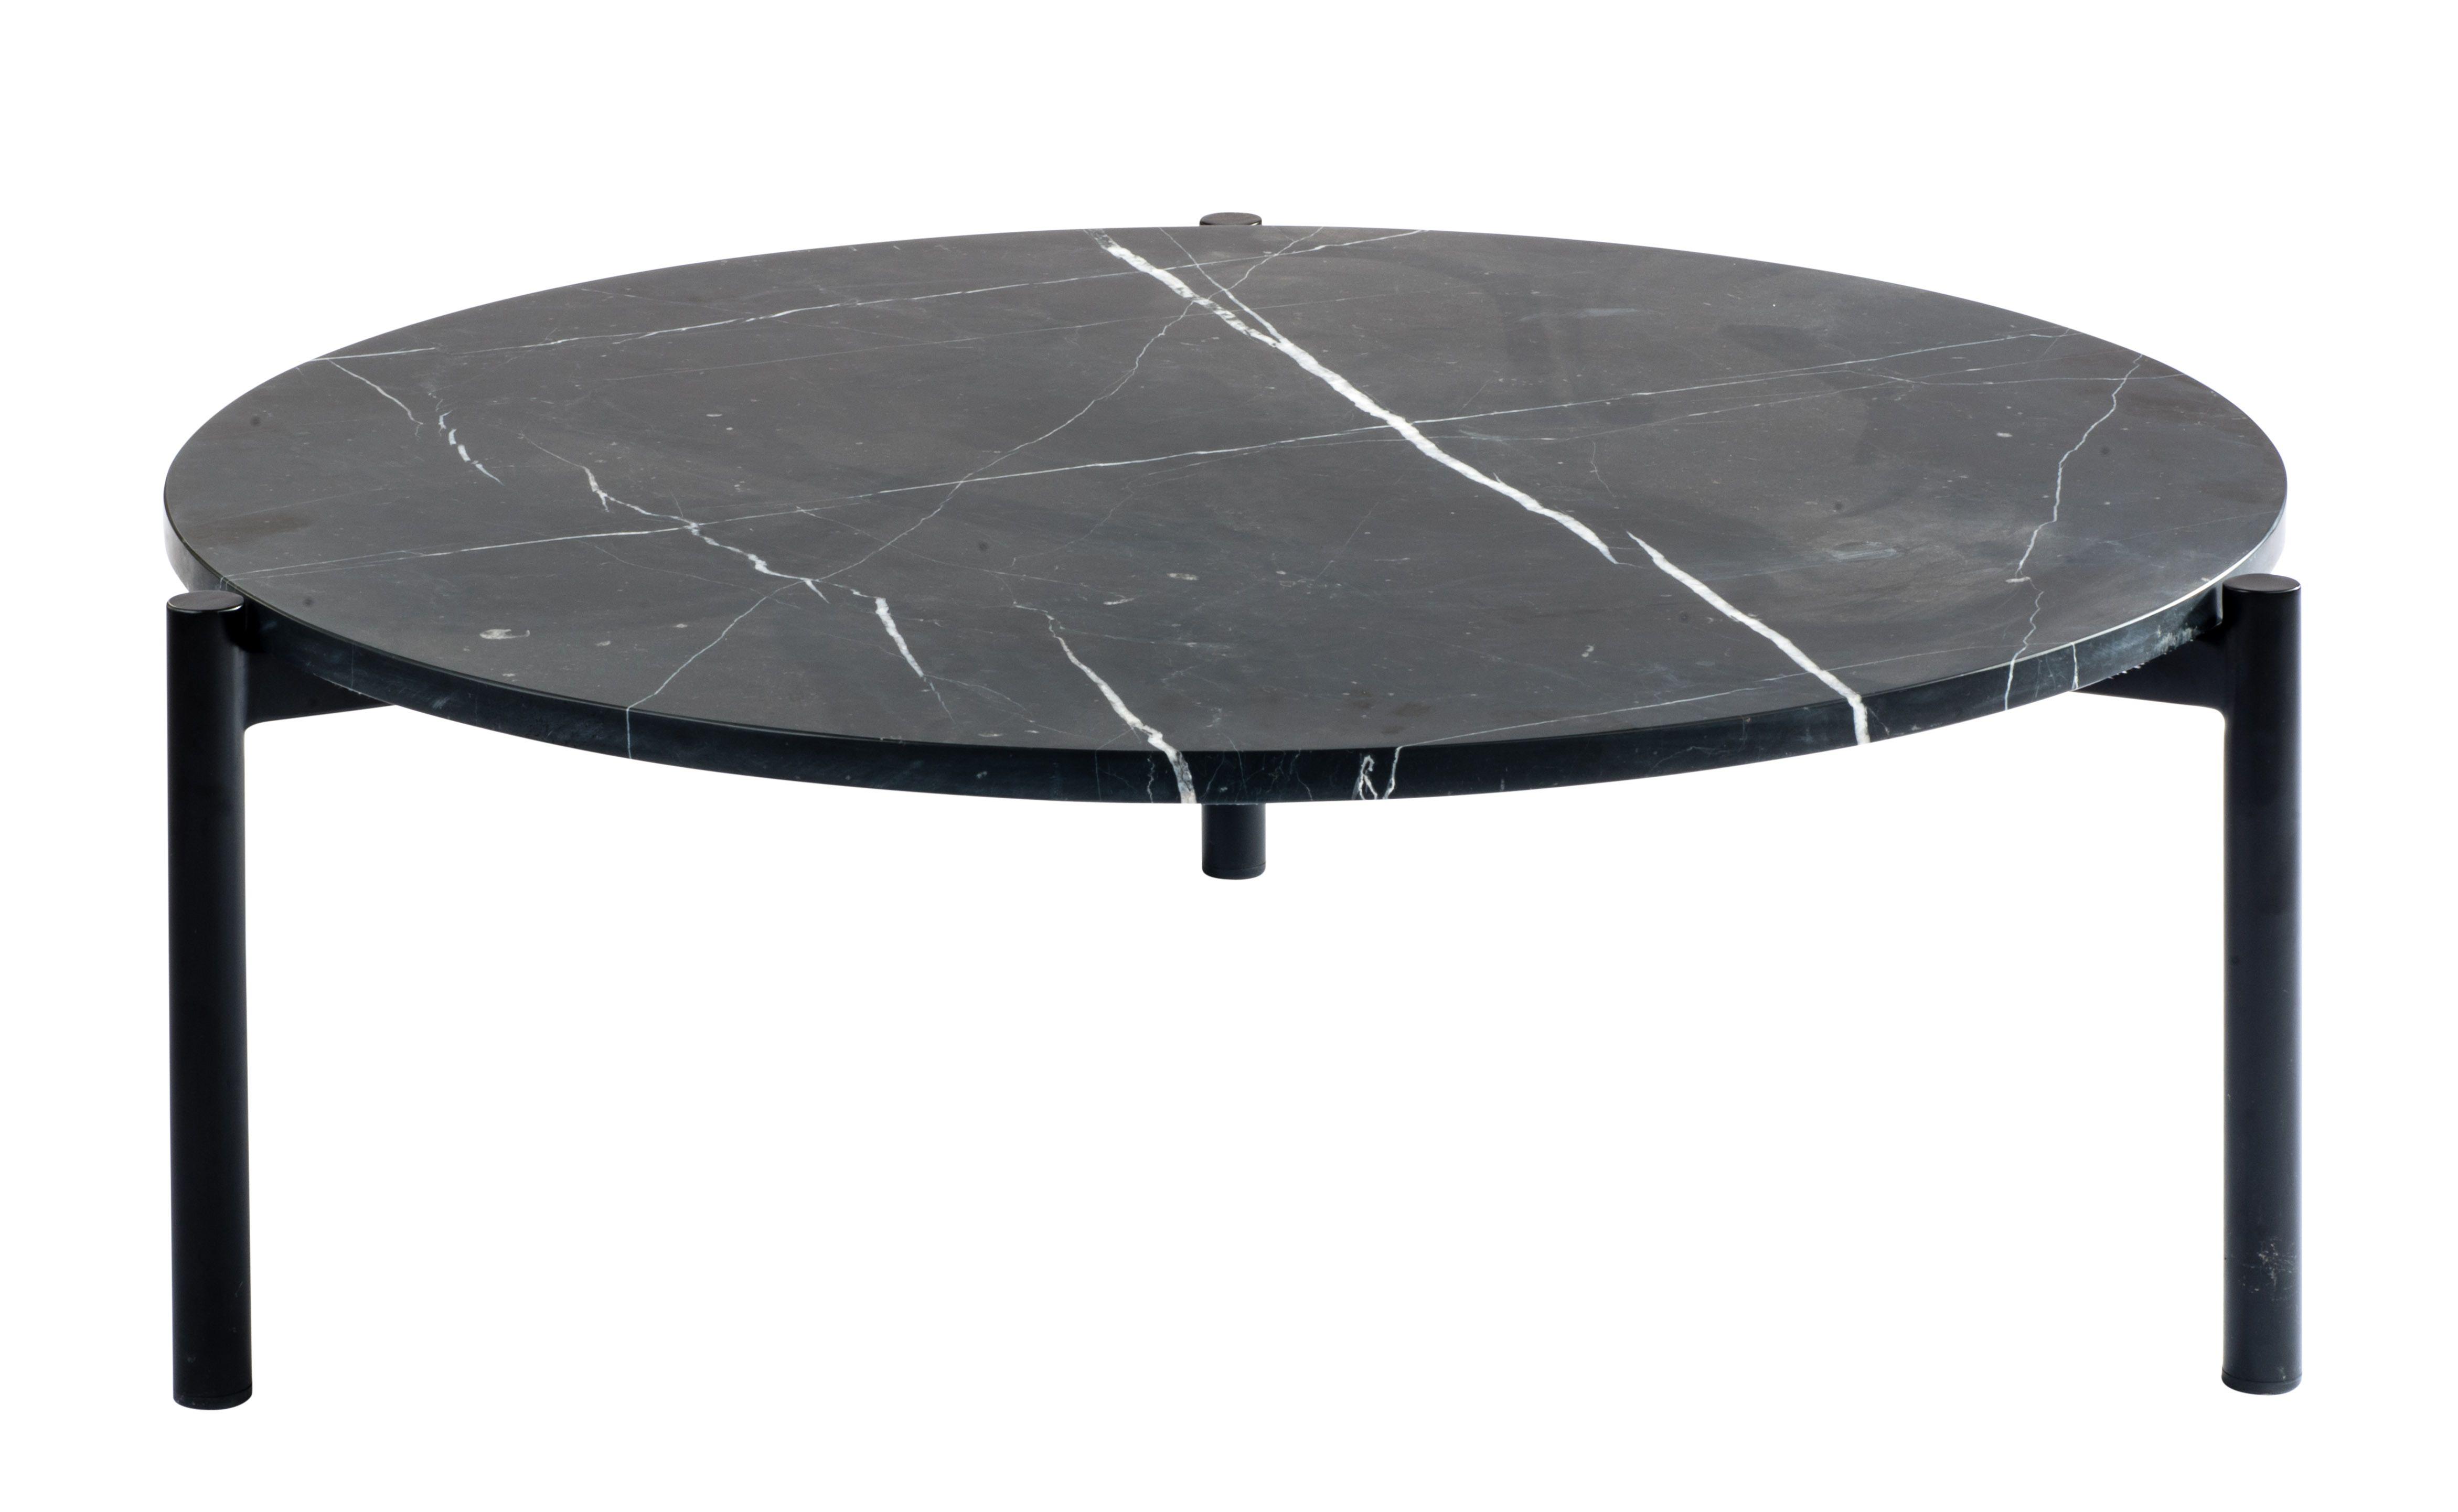 Salontafel Marmer Rond Zwart.Elegant In Zijn Eenvoud En Super Stijlvol Qua Design Dat Is